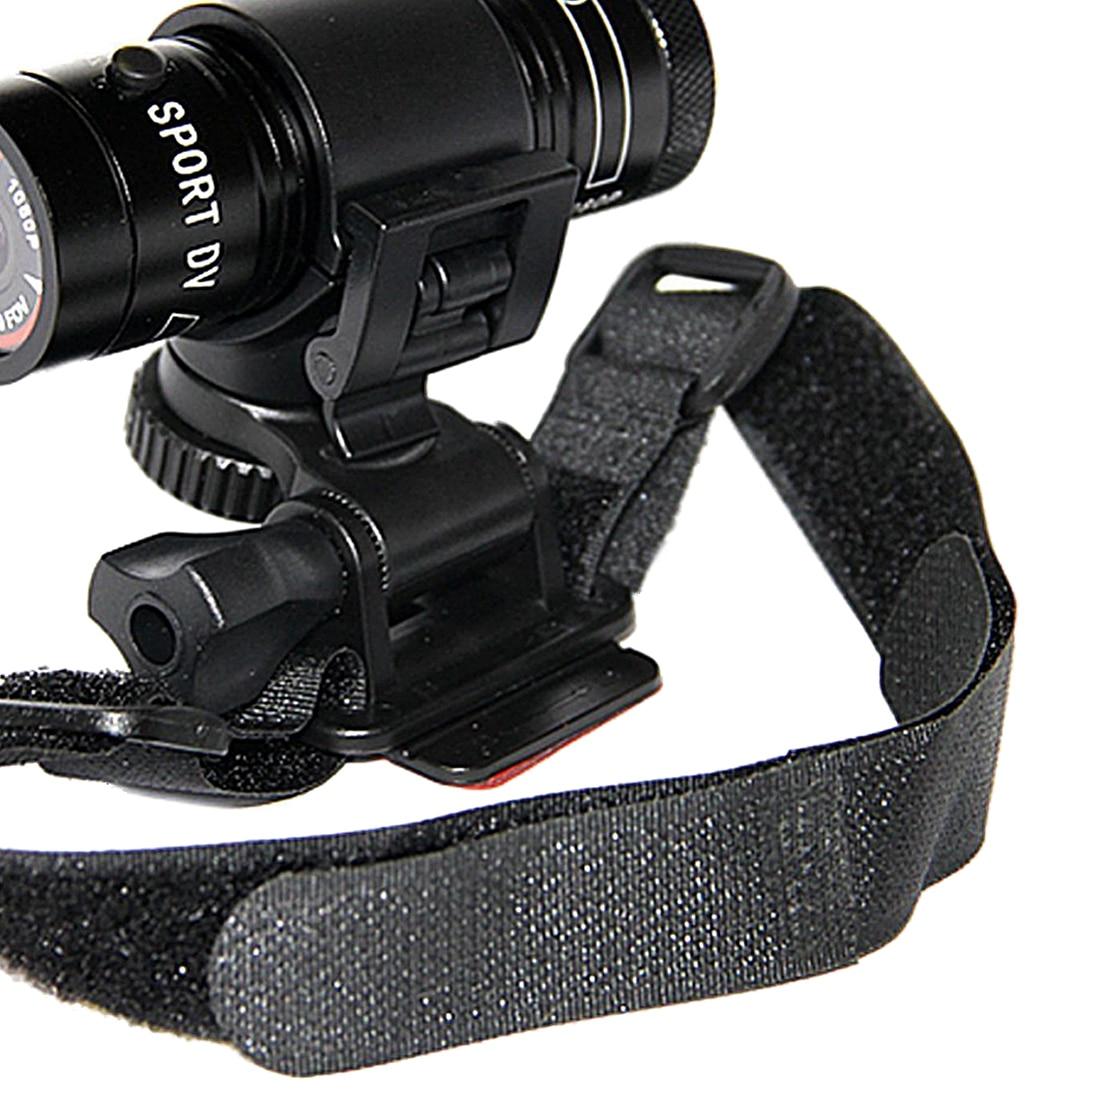 5 Packs Sport Camera Full HD 1080P Action Waterproof Video Recorder Helmet Bike DVR<br>